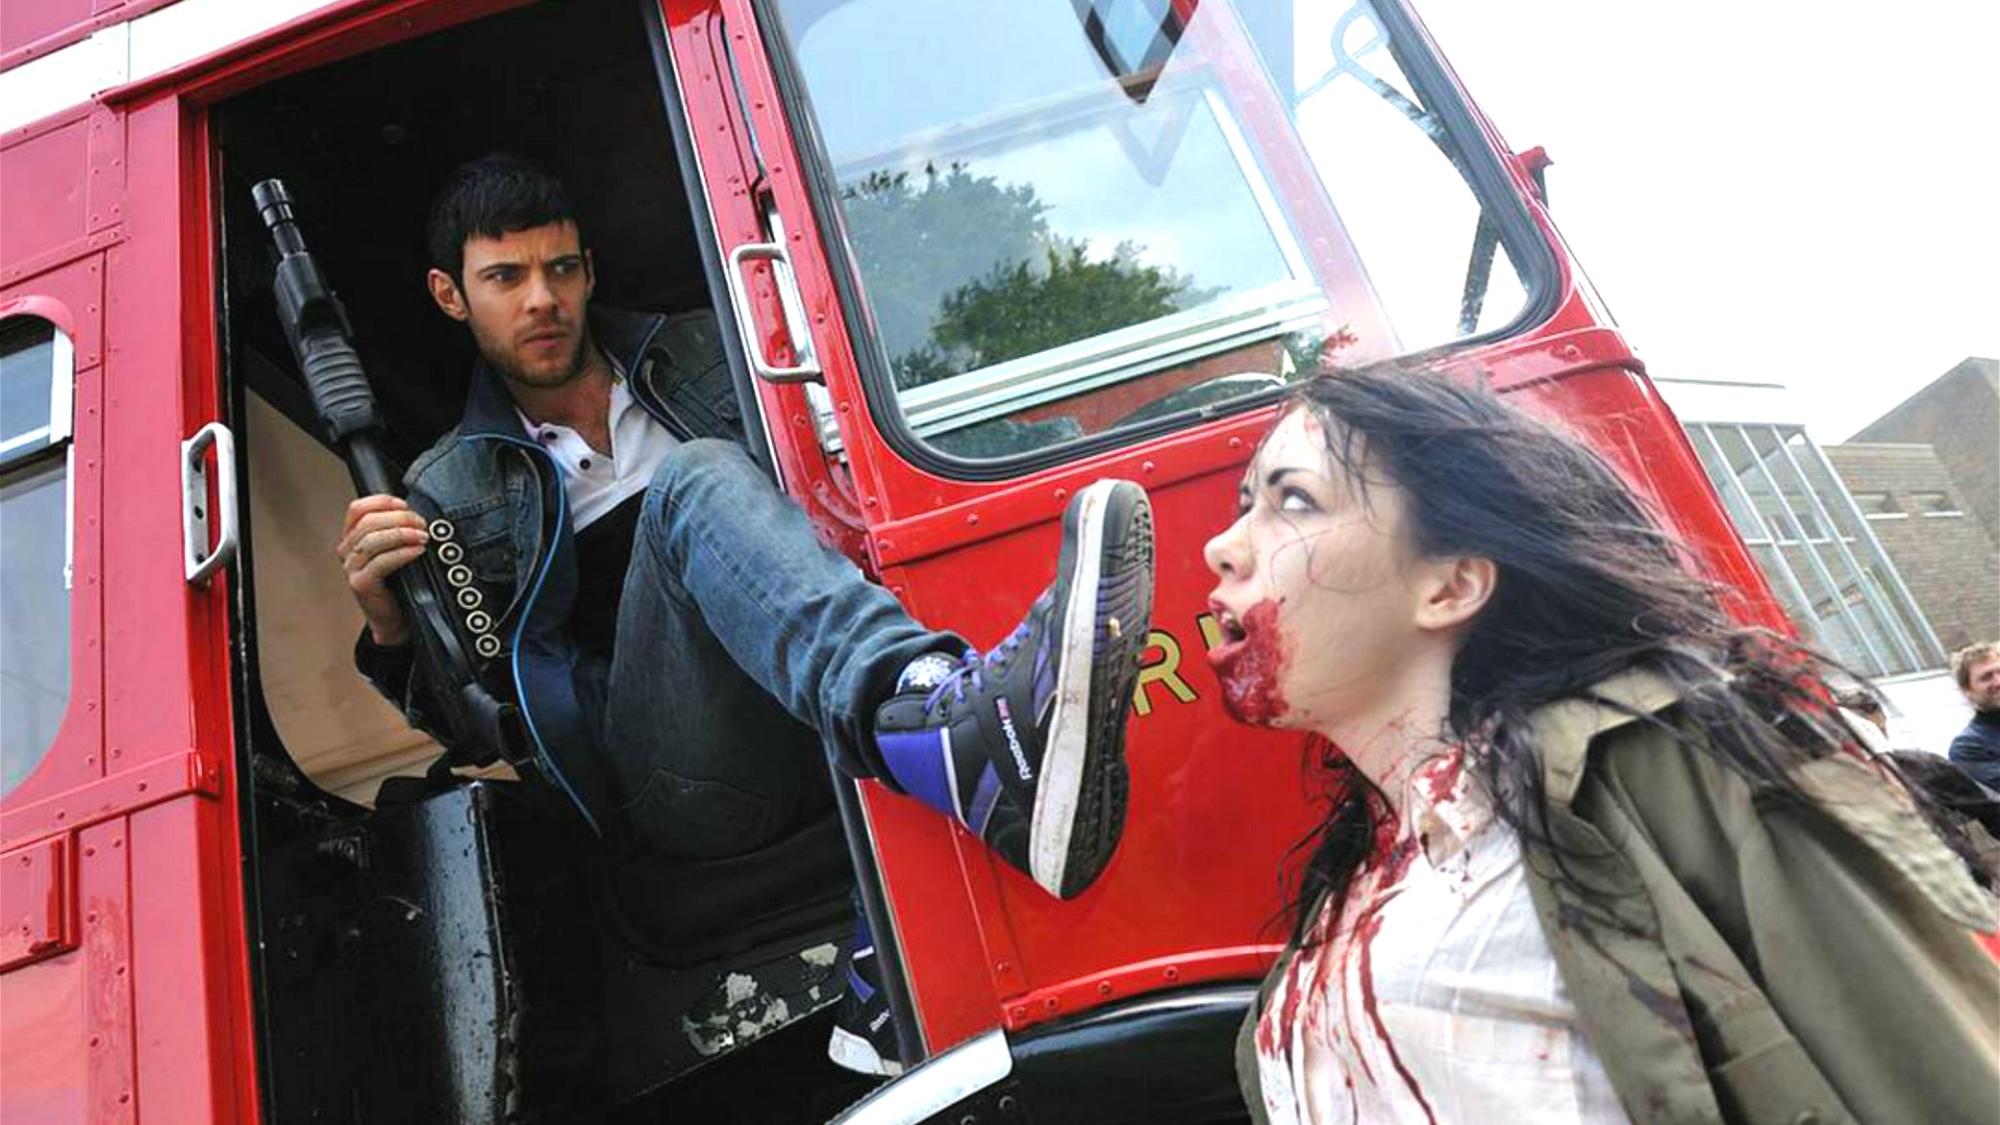 远古病毒突然爆发,伦敦居民全变丧尸,但这群丧尸可是有点蠢!